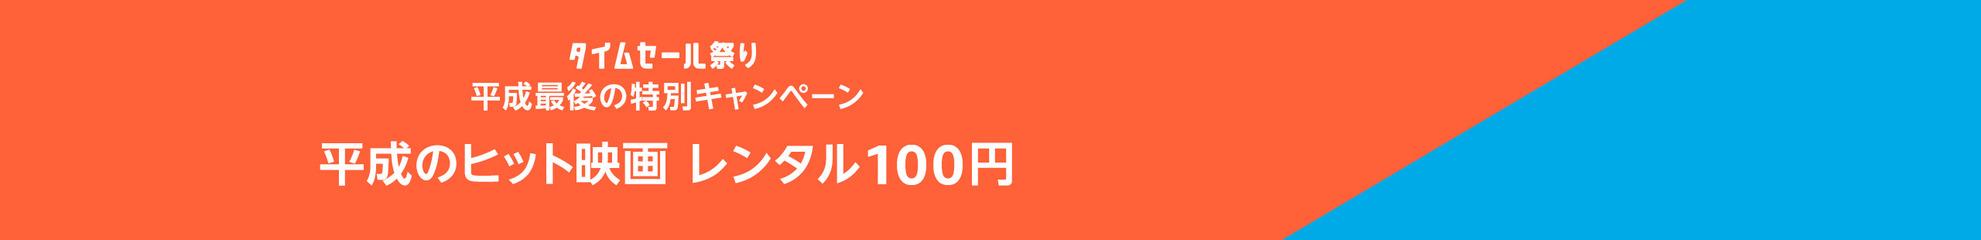 MD_heisei_39._CB1198675309_